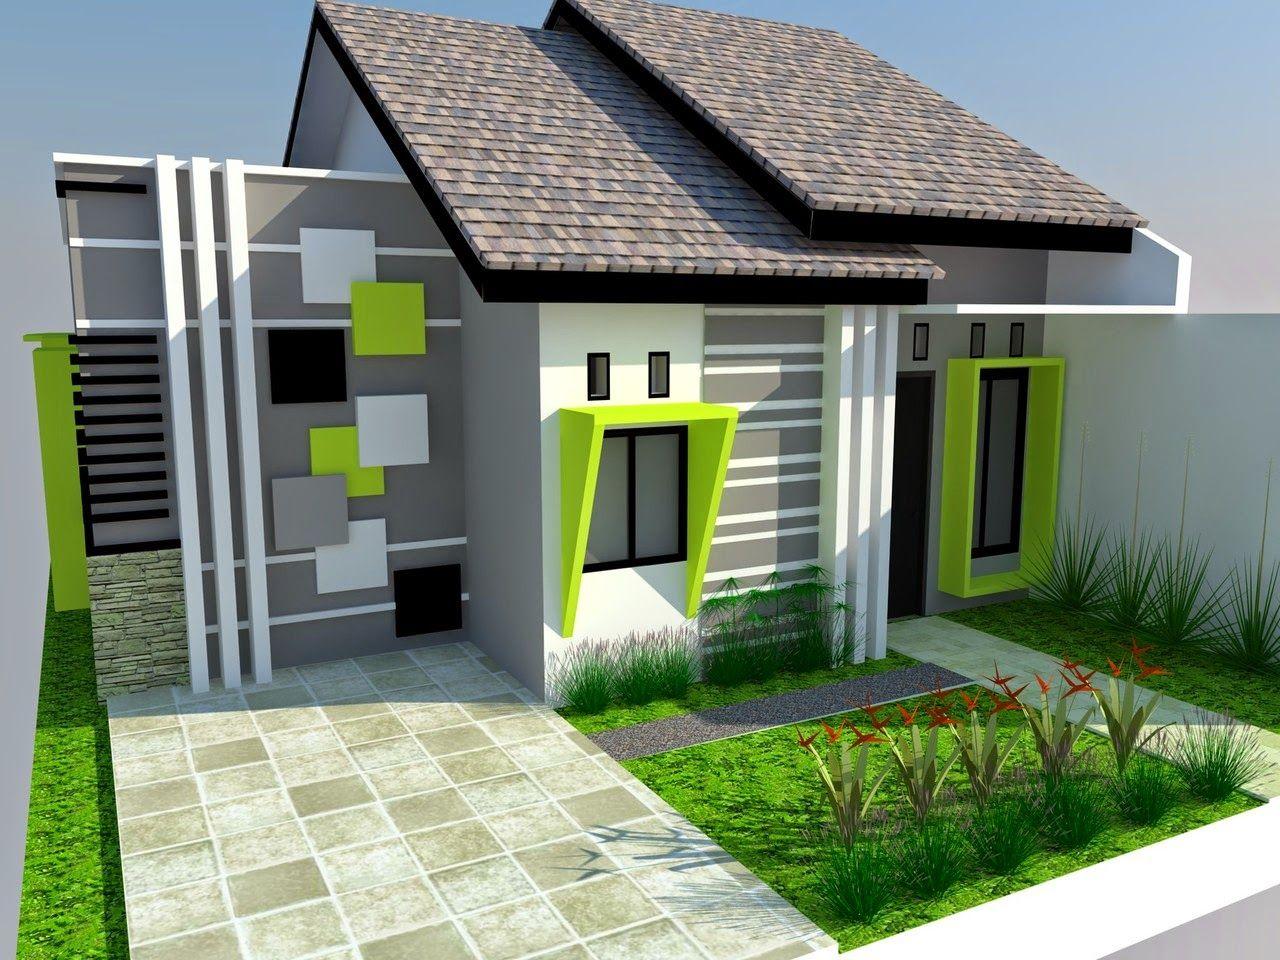 Kumpulan Model Rumah Minimalis Sederhana Best Home Desaign And HD